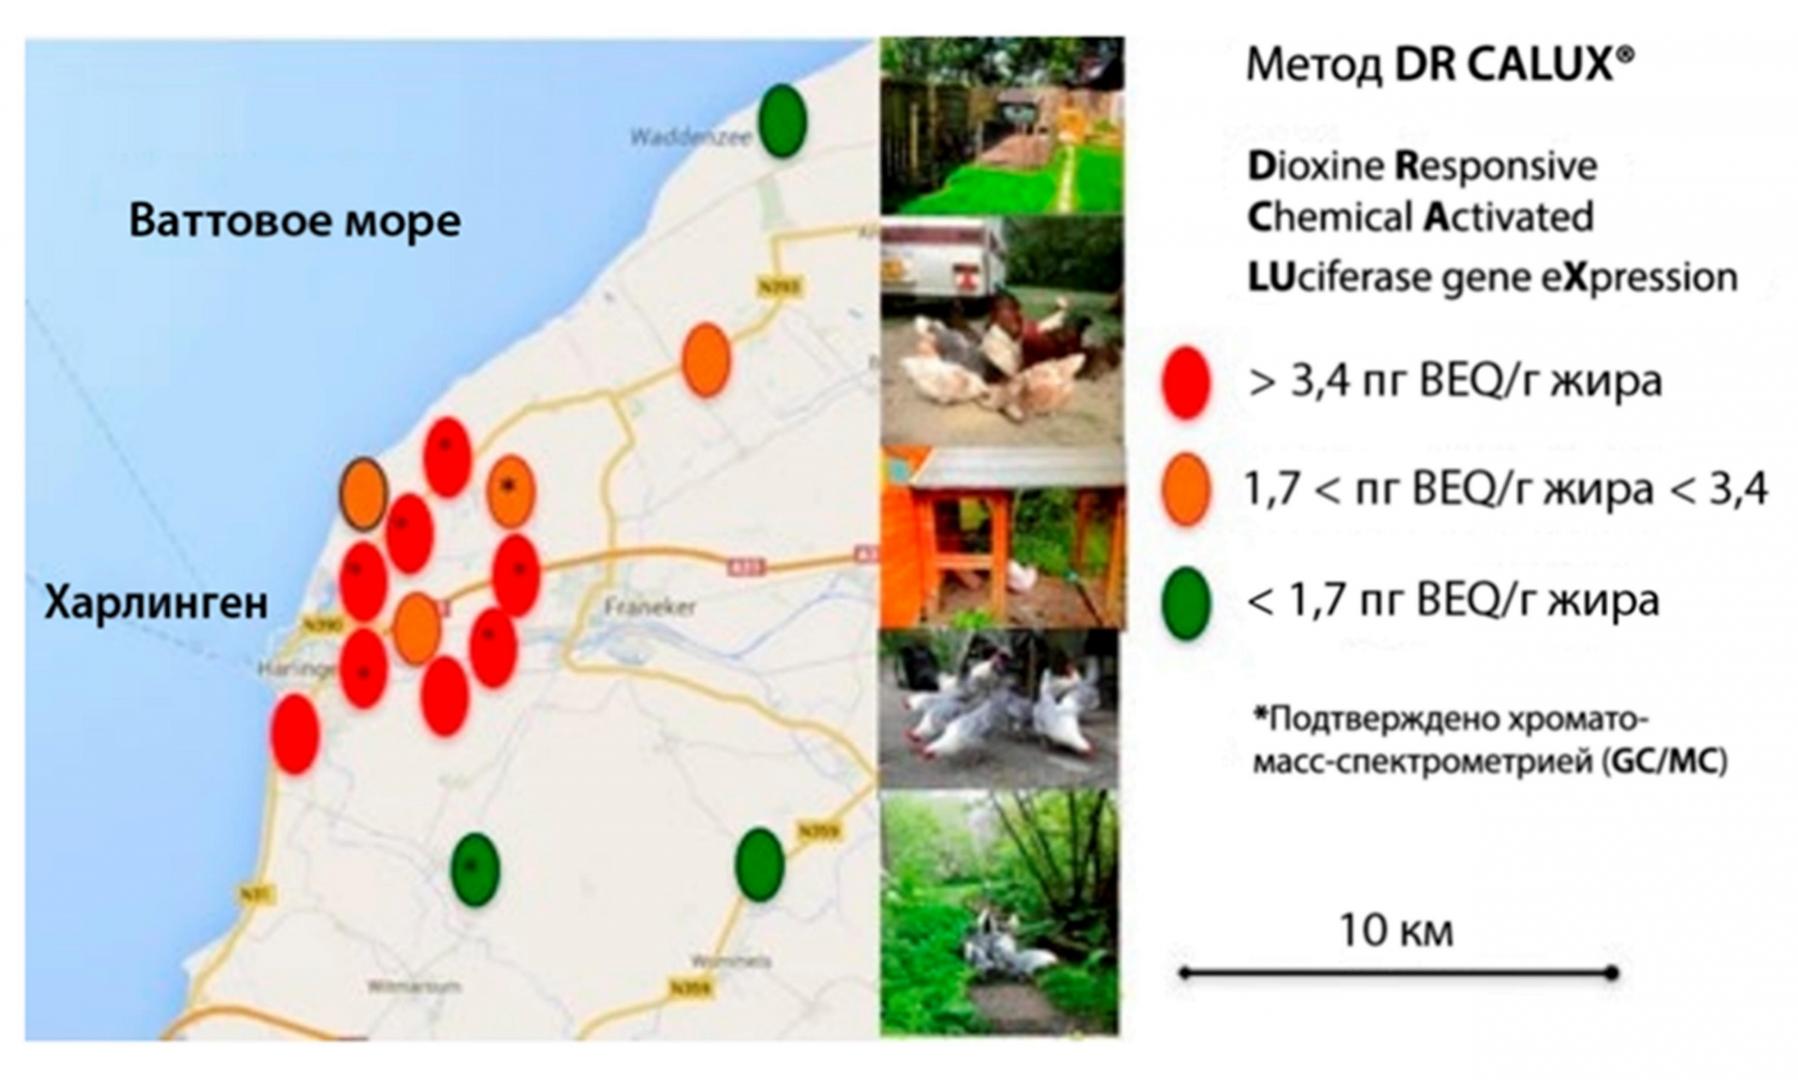 Рис. 1. Результаты анализа куриных яиц на содержание диоксинов в окрестностях REC